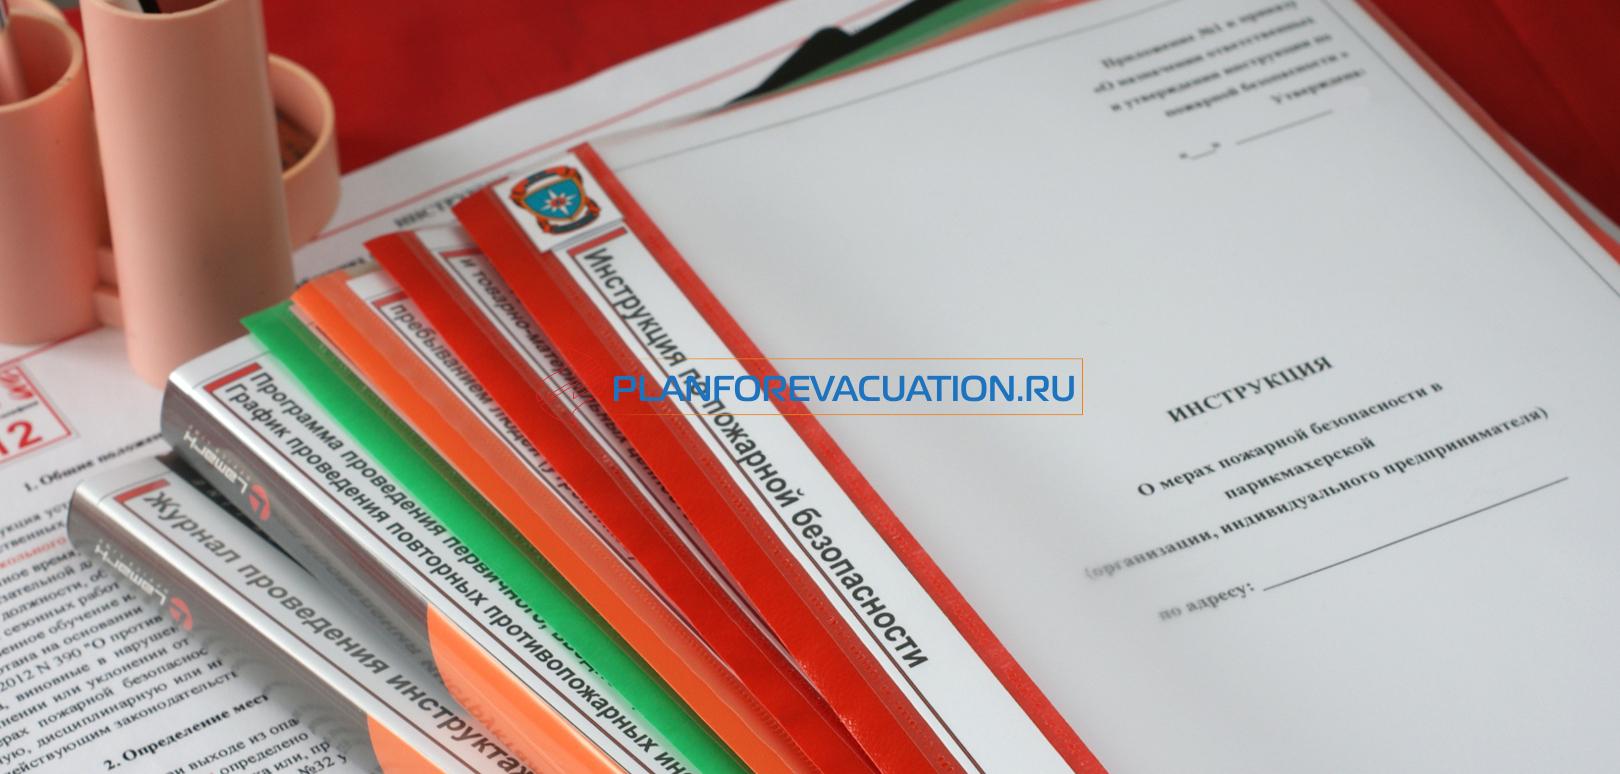 Инструкция и документы по пожарной безопасности 2020 года в парикмахерской